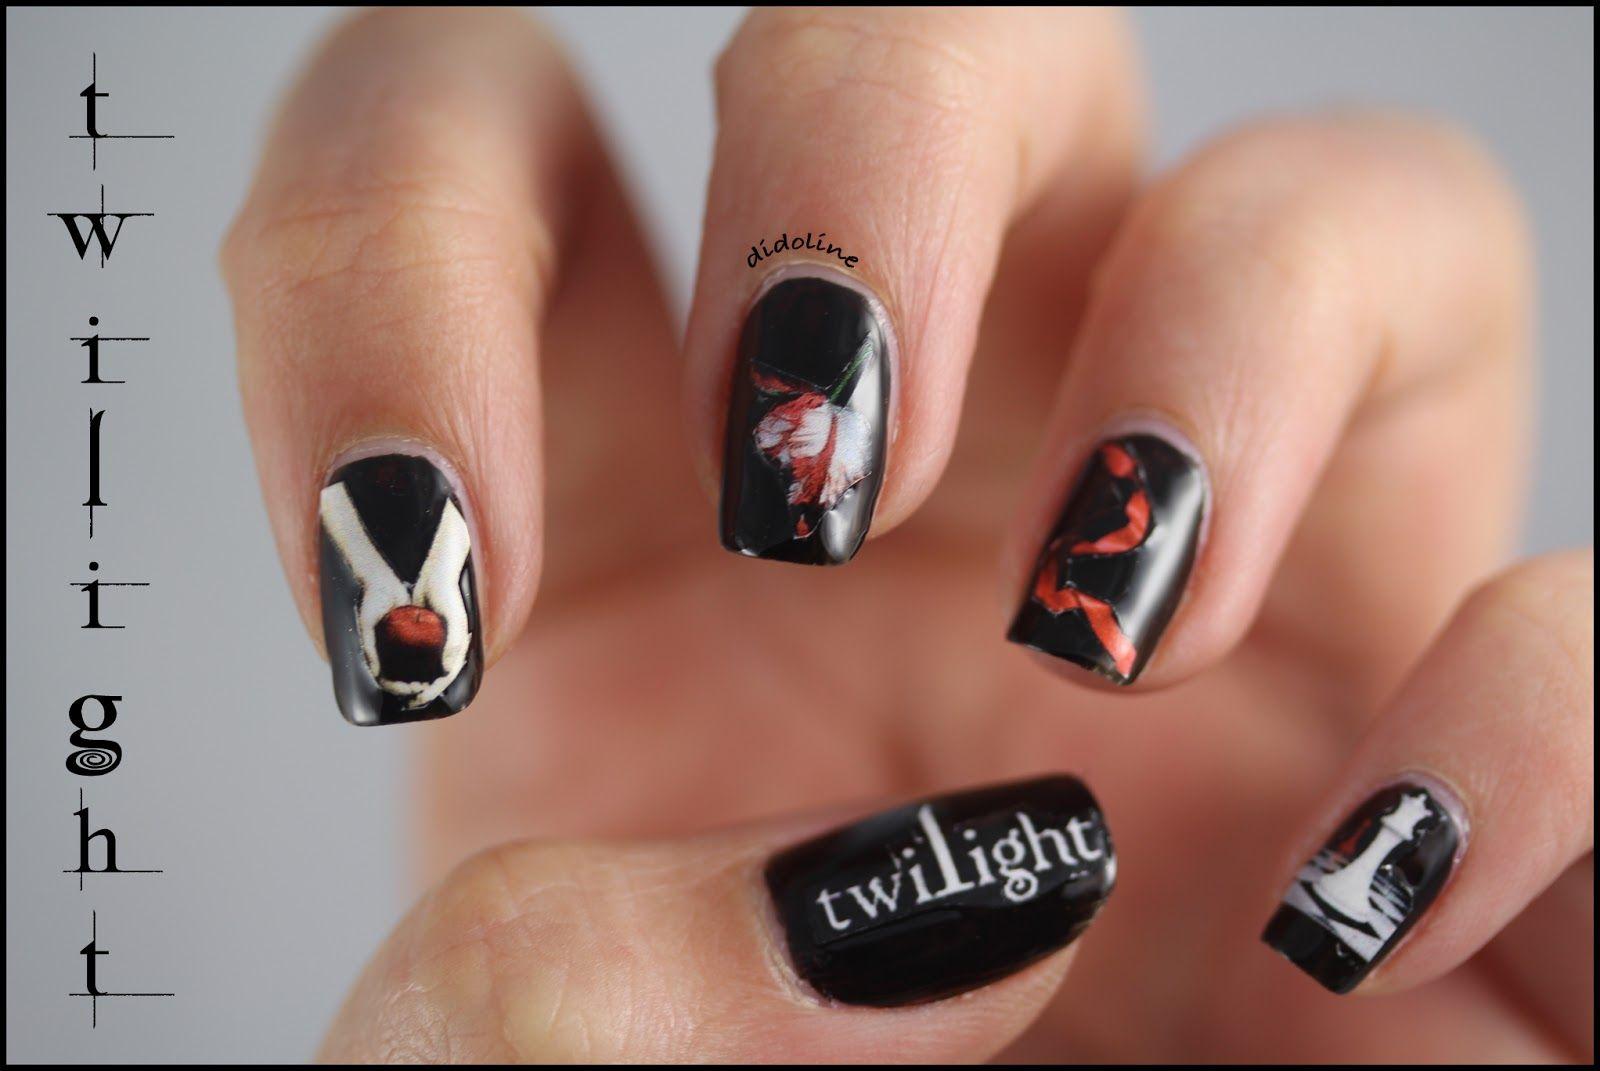 Twilight Nail Nails Nailart Nails Pinterest Nail Nail And